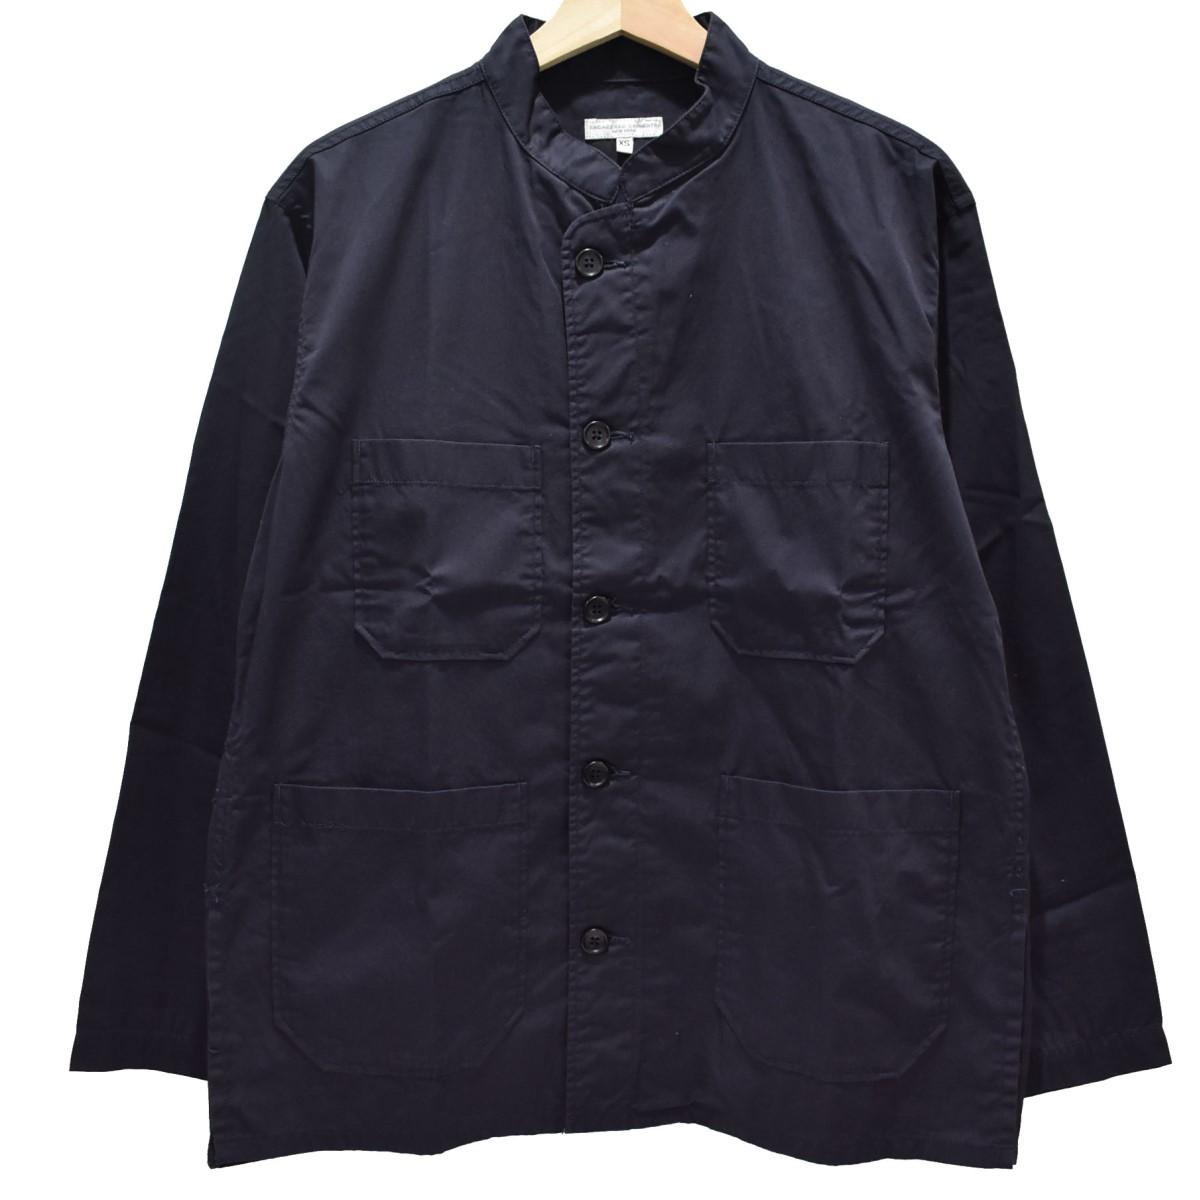 【中古】Engineered Garments Dayton Shirt High Count Twill バンドカラージャケット ネイビー サイズ:XS 【240620】(エンジニアードガーメンツ)